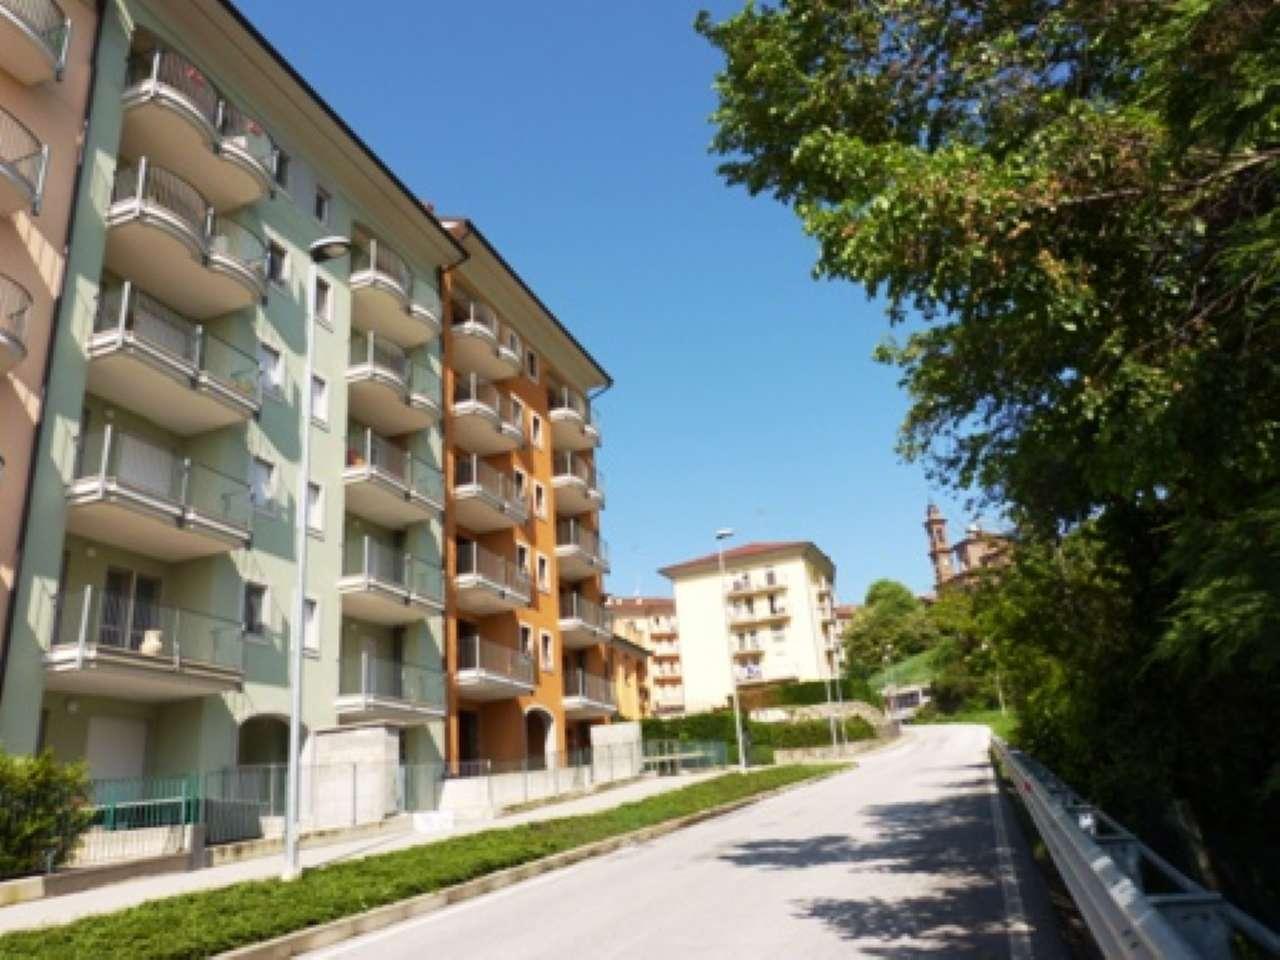 Appartamento in vendita a Fossano, 3 locali, prezzo € 156.000 | CambioCasa.it